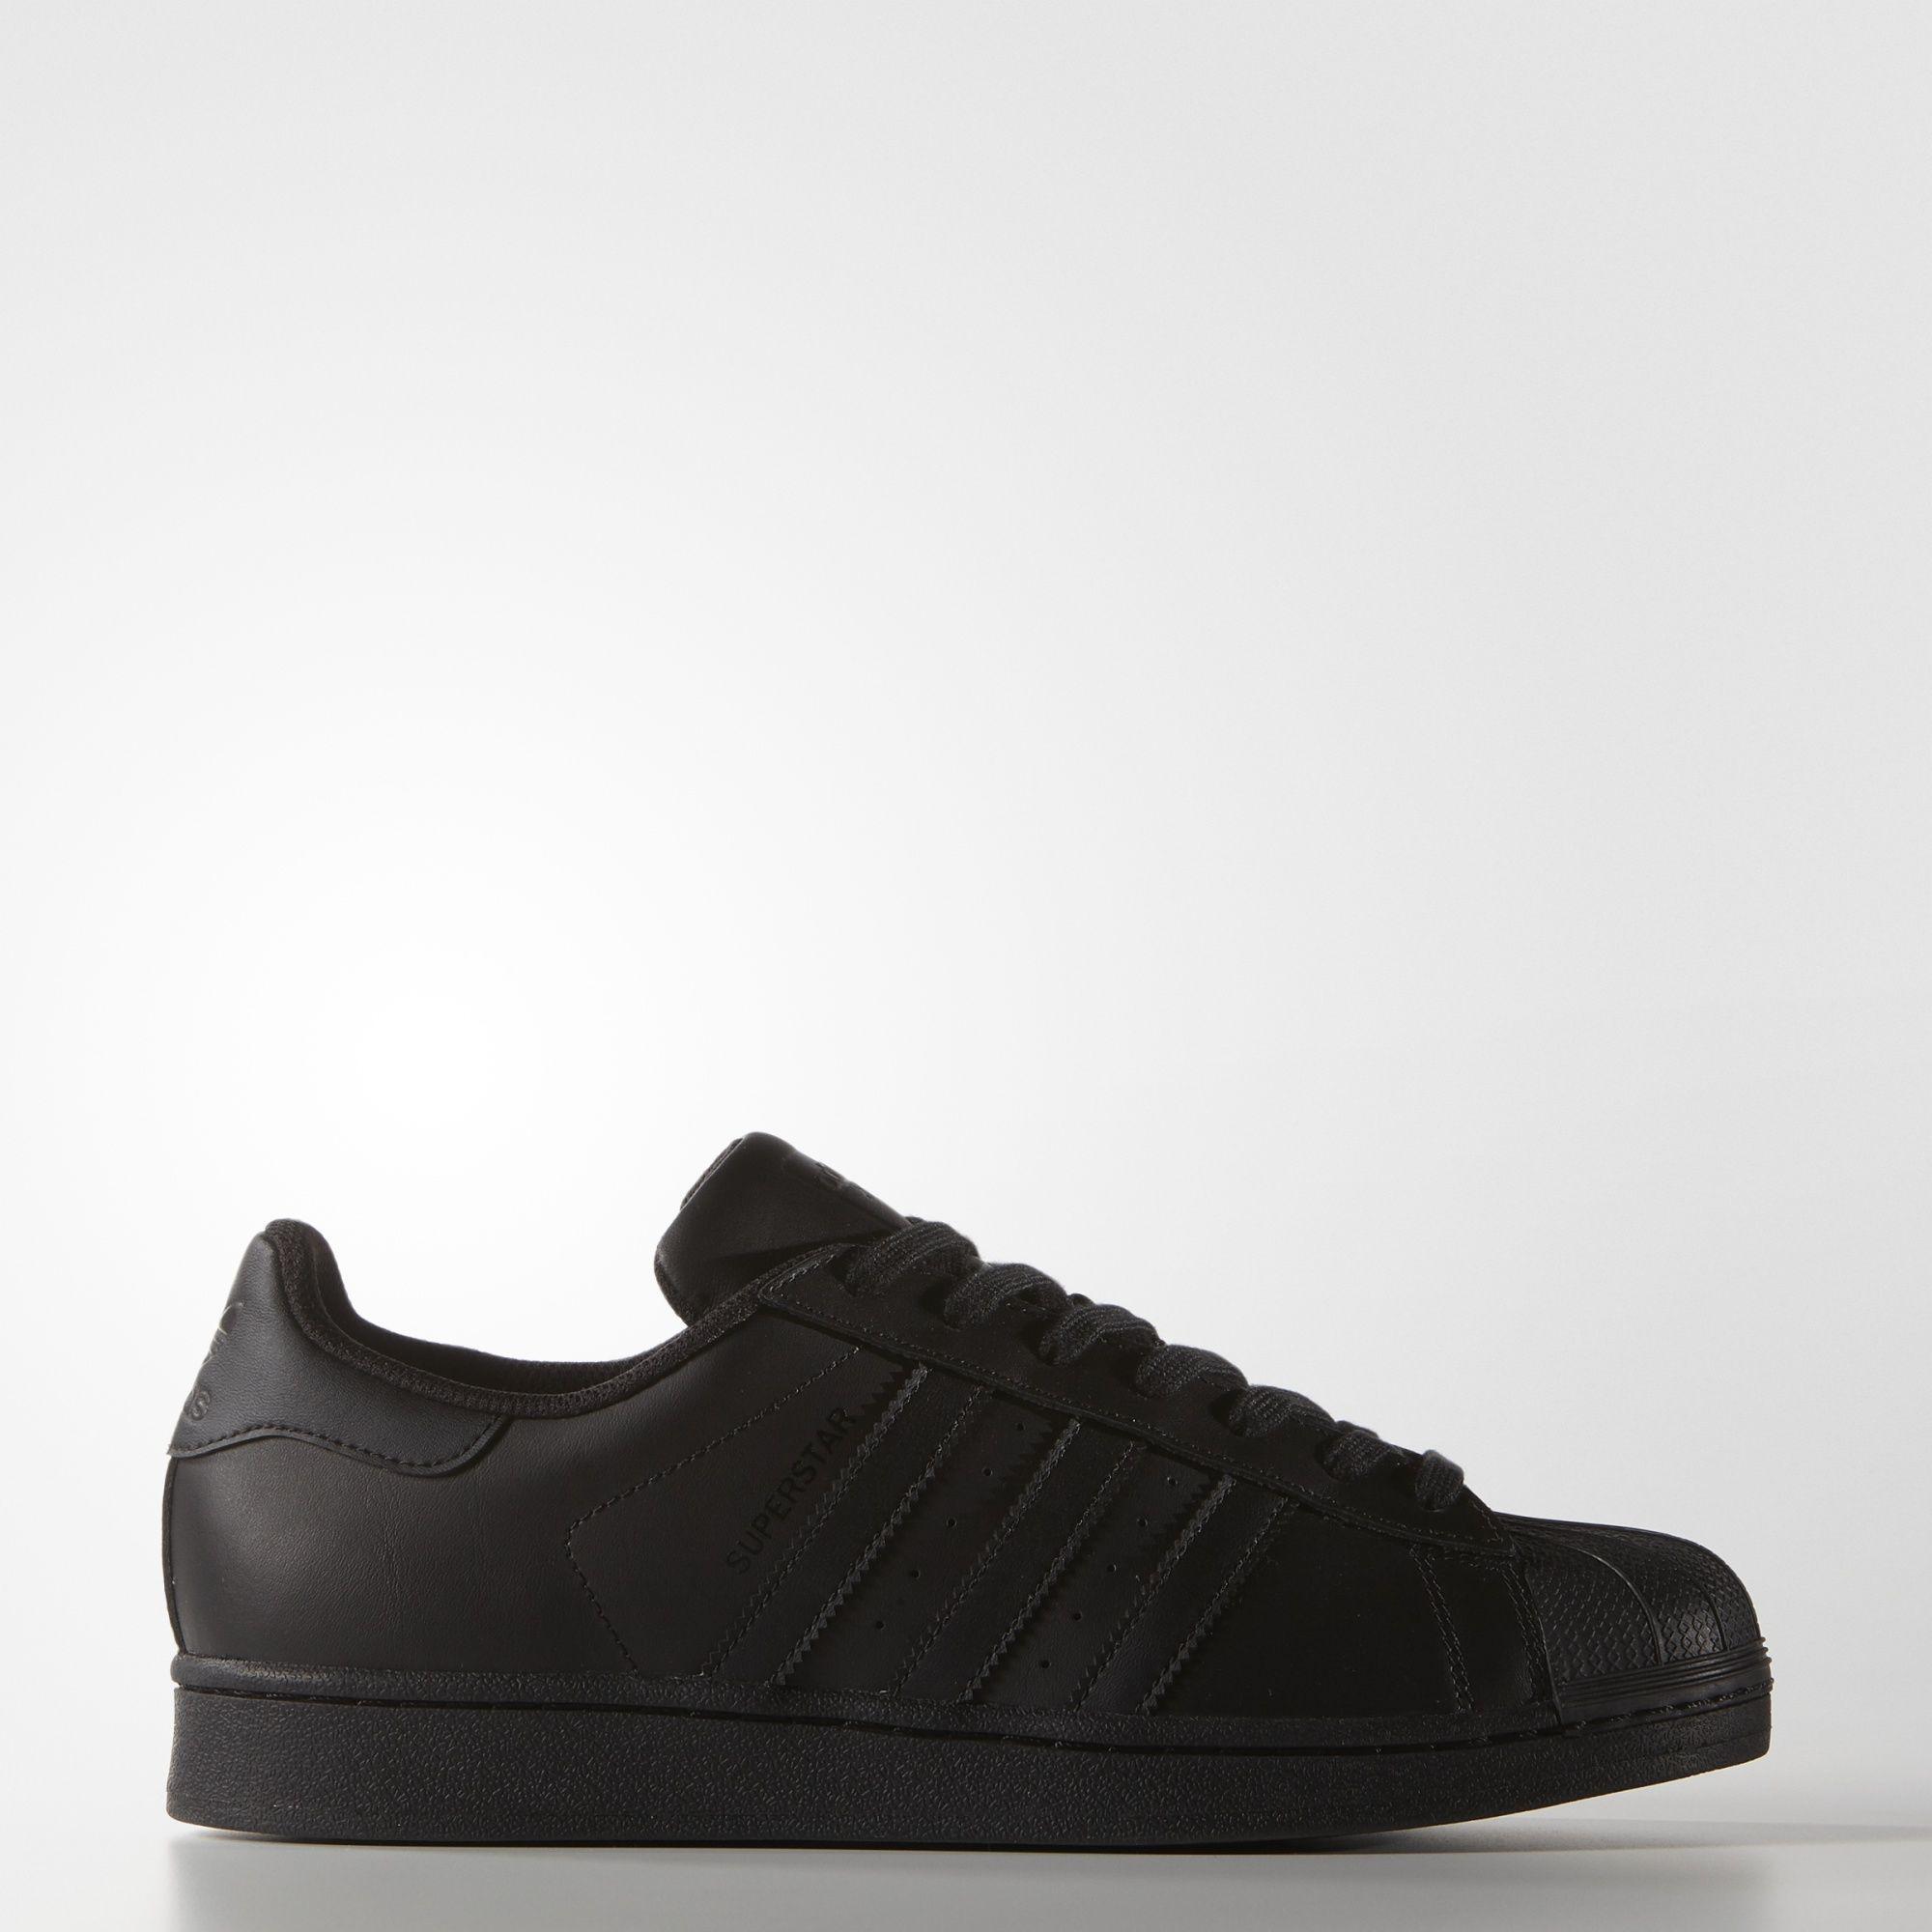 b6c5ffaa854 adidas - Superstar Foundation Shoes